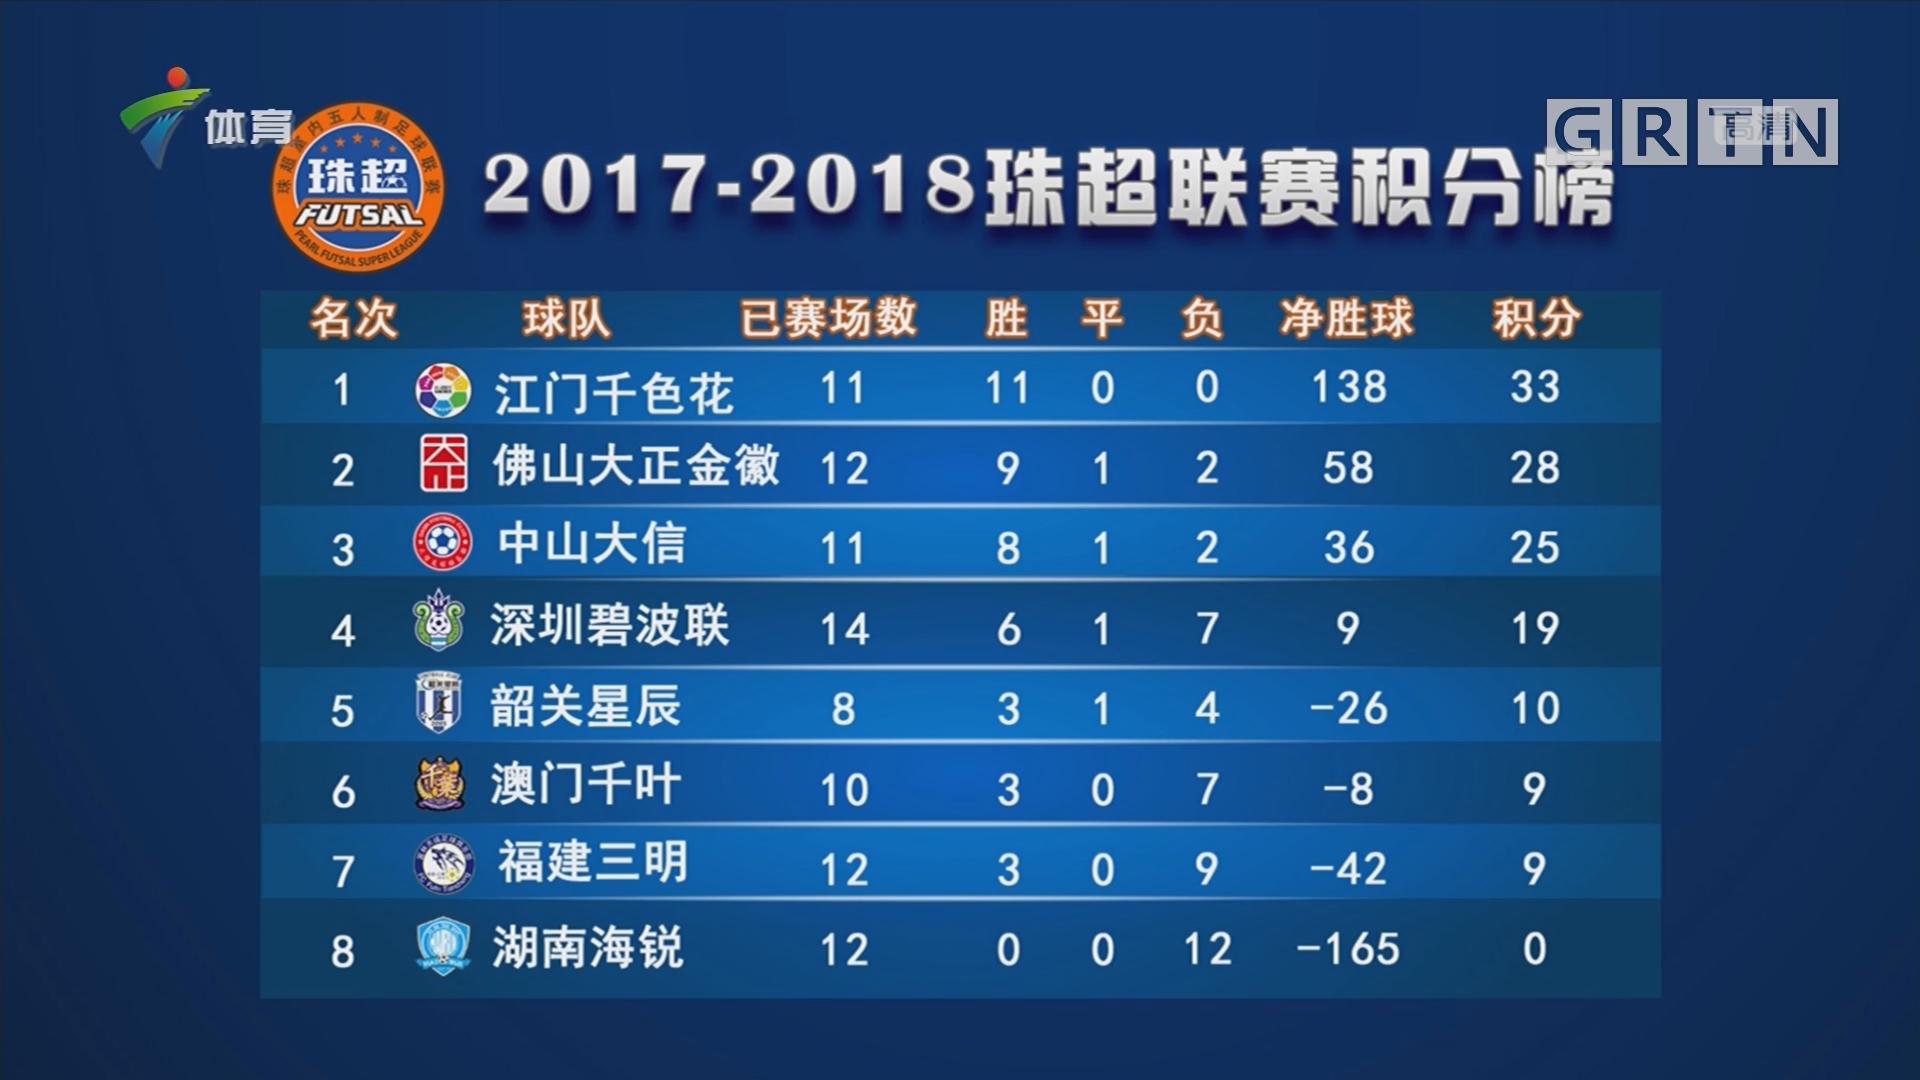 2017—2018珠超联赛积分榜